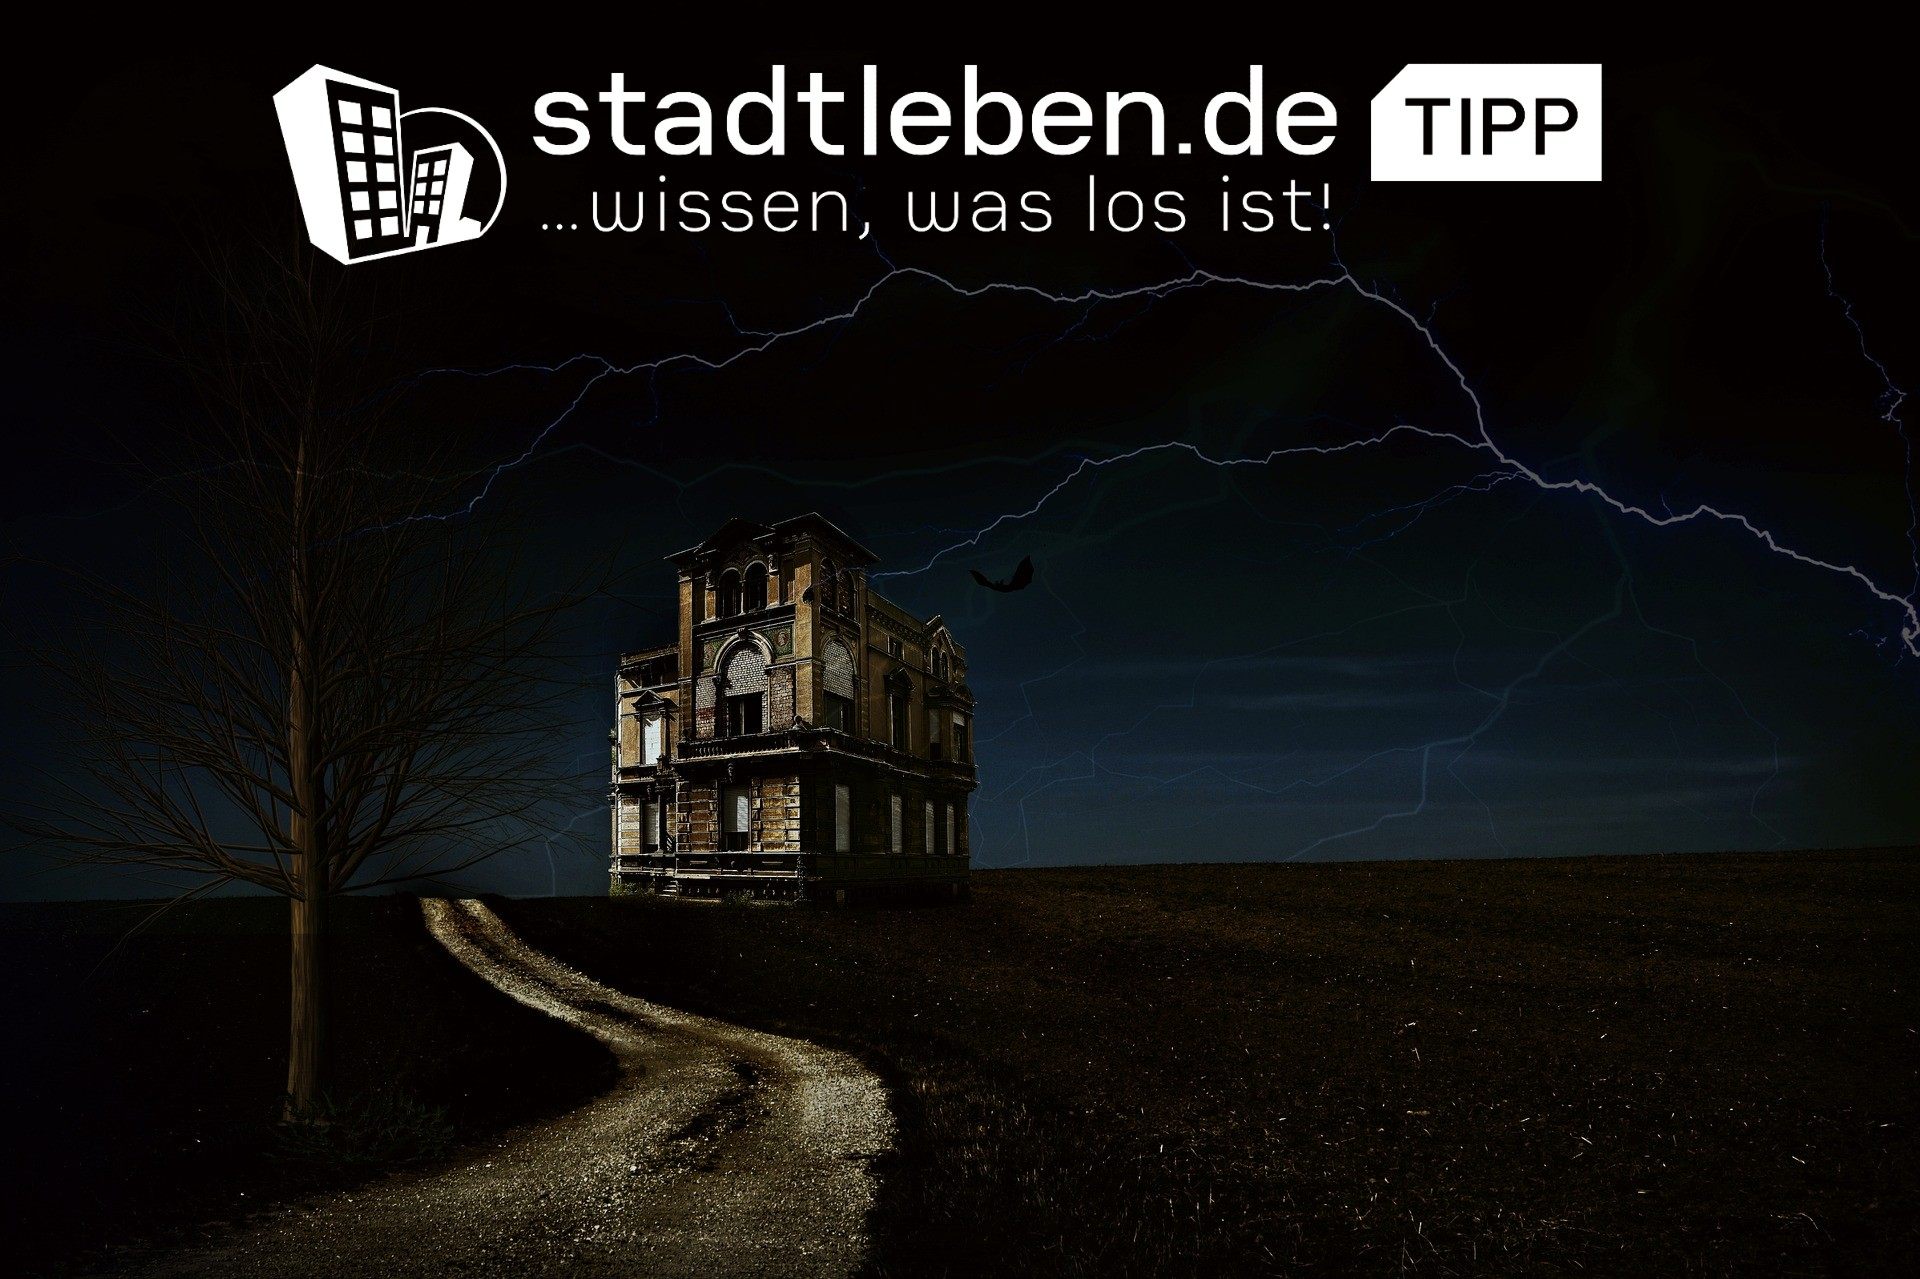 Haus, Ruine, Dunkel, Nacht, Baum, gruselig, Deutschland, Halloween